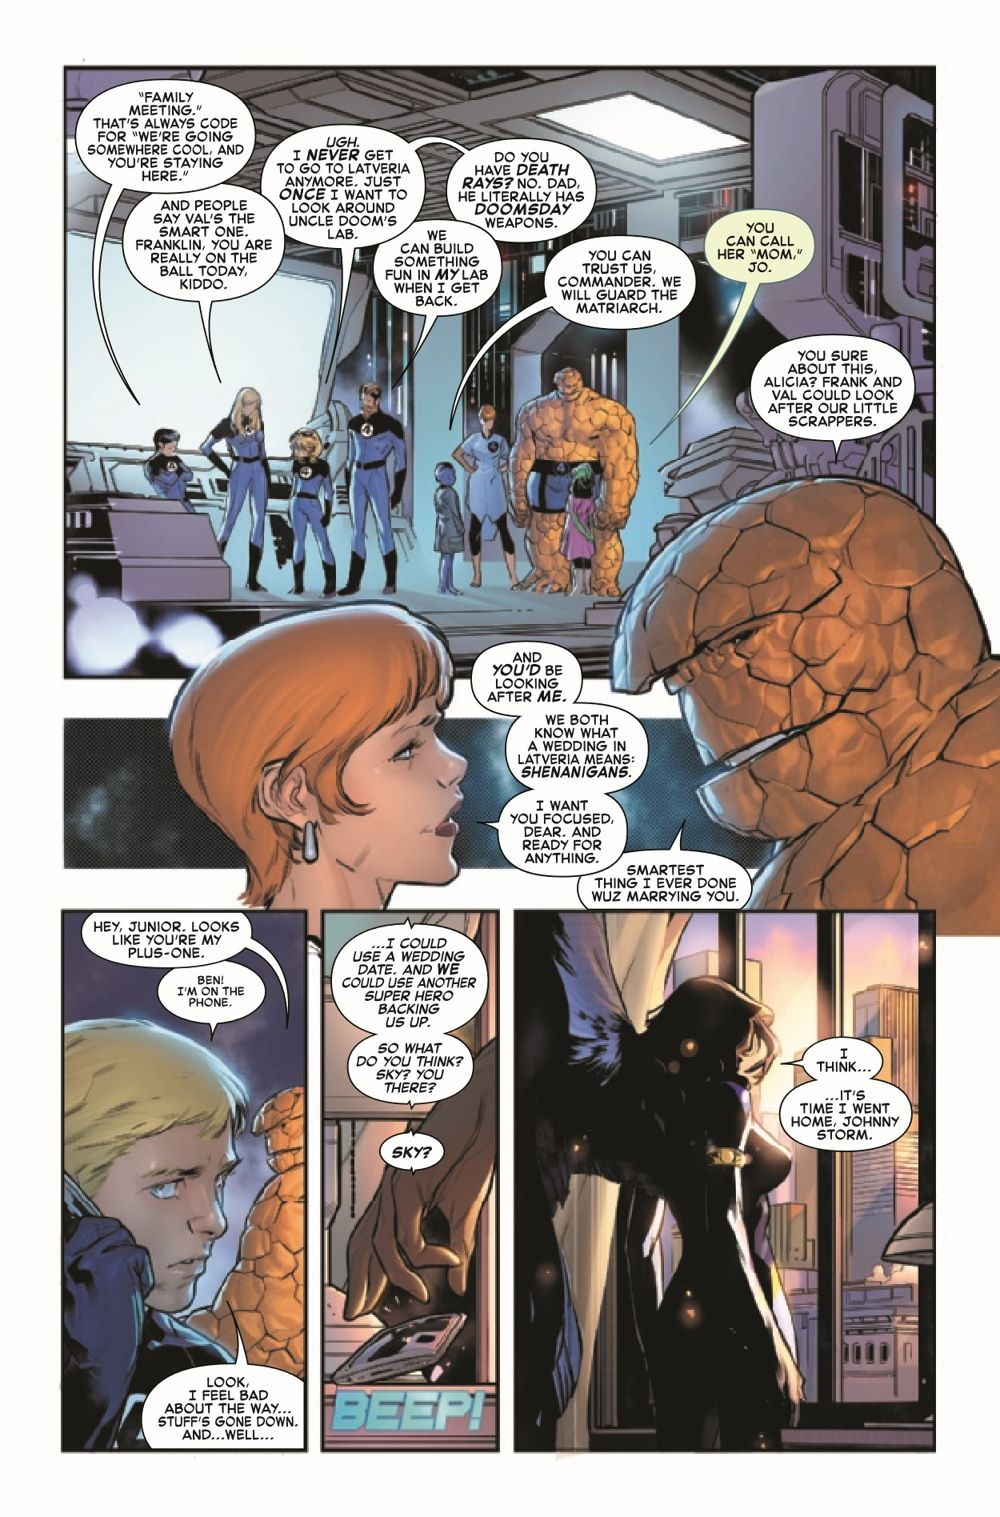 FF2018033_Preview-6 ComicList Previews: FANTASTIC FOUR #33